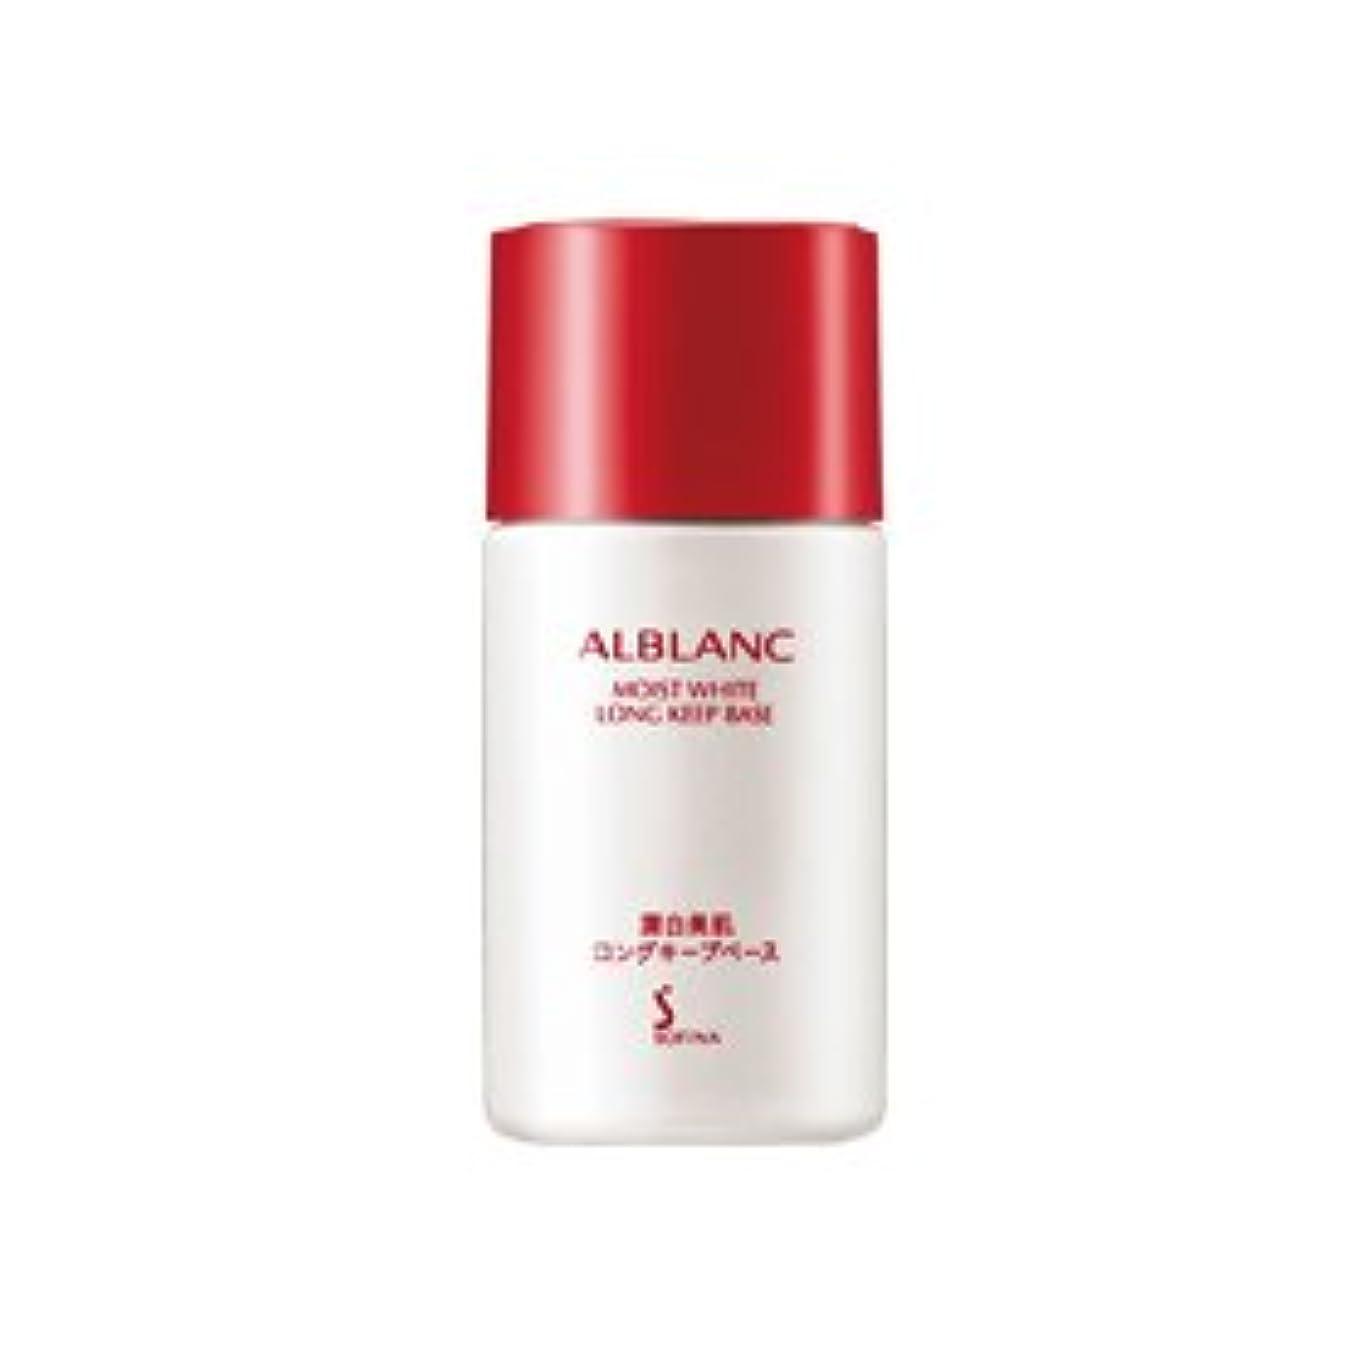 印象的な異形面白い花王 ソフィーナ アルブラン 潤白美肌 ロングキープベース 25ml 化粧下地